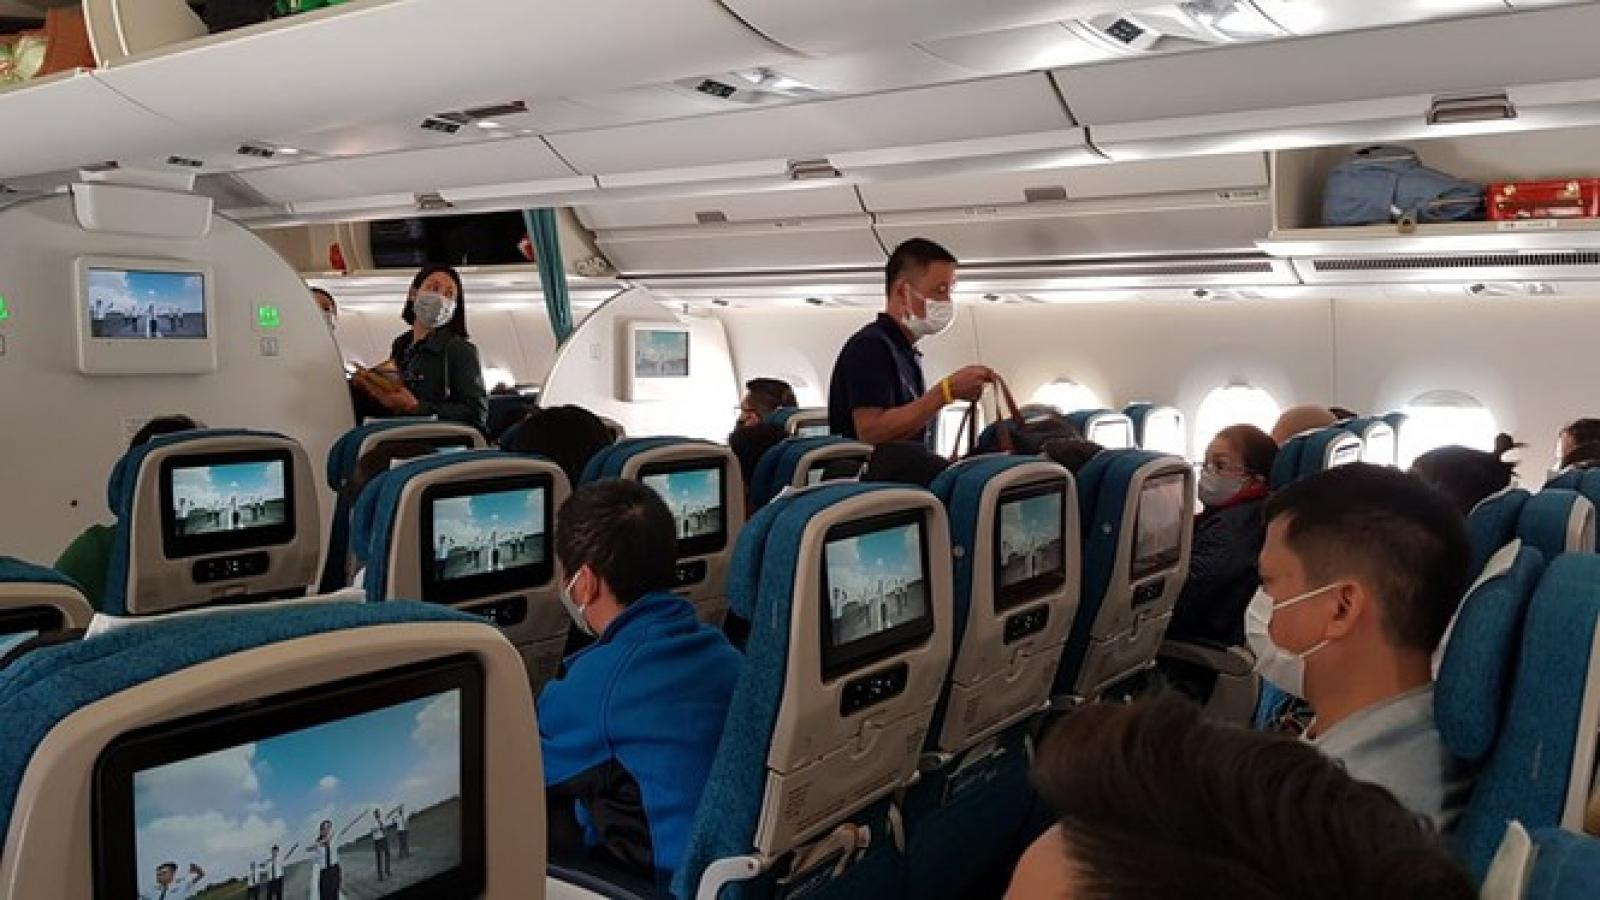 Bật lửa đốt giấy khi máy bay chuẩn bị cất cánh, nam hành khách bị phạt 2 triệu đồng